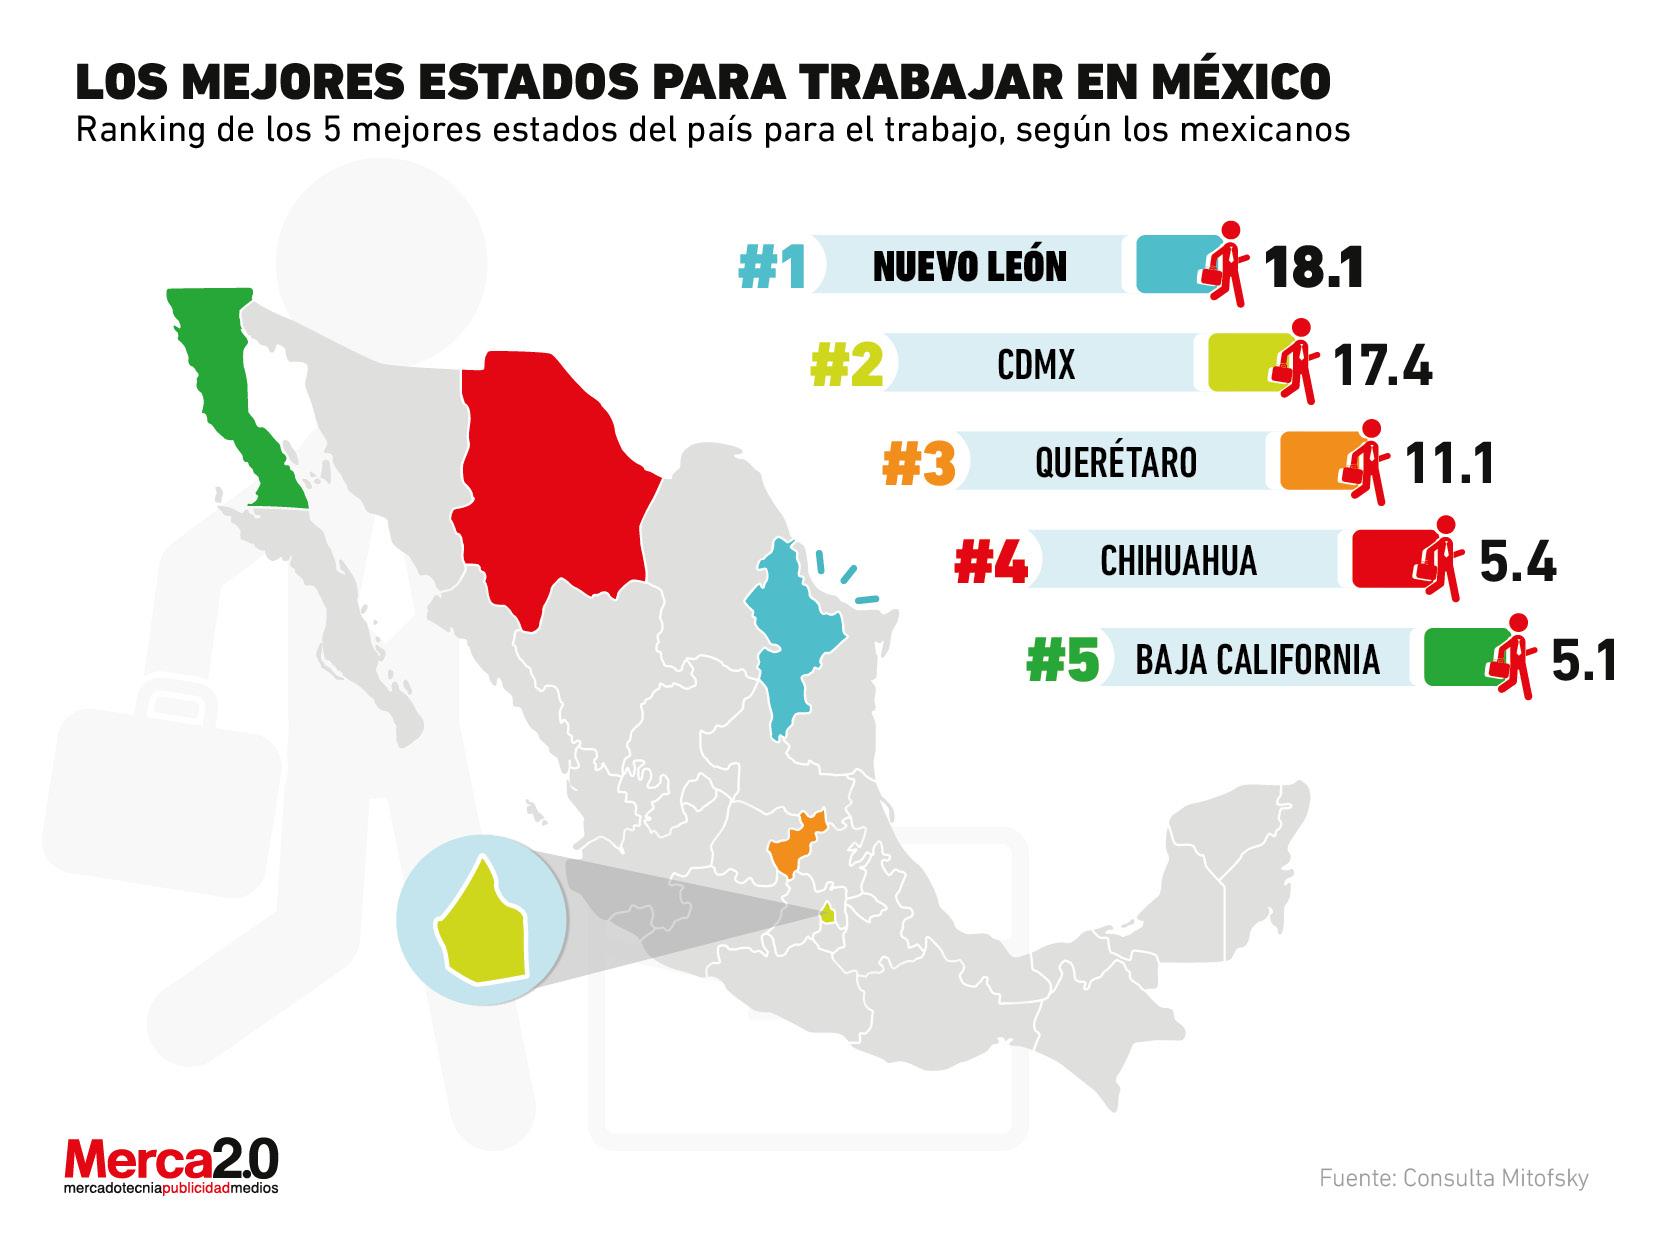 Estos son los mejores estados para trabajar, según los mexicanos